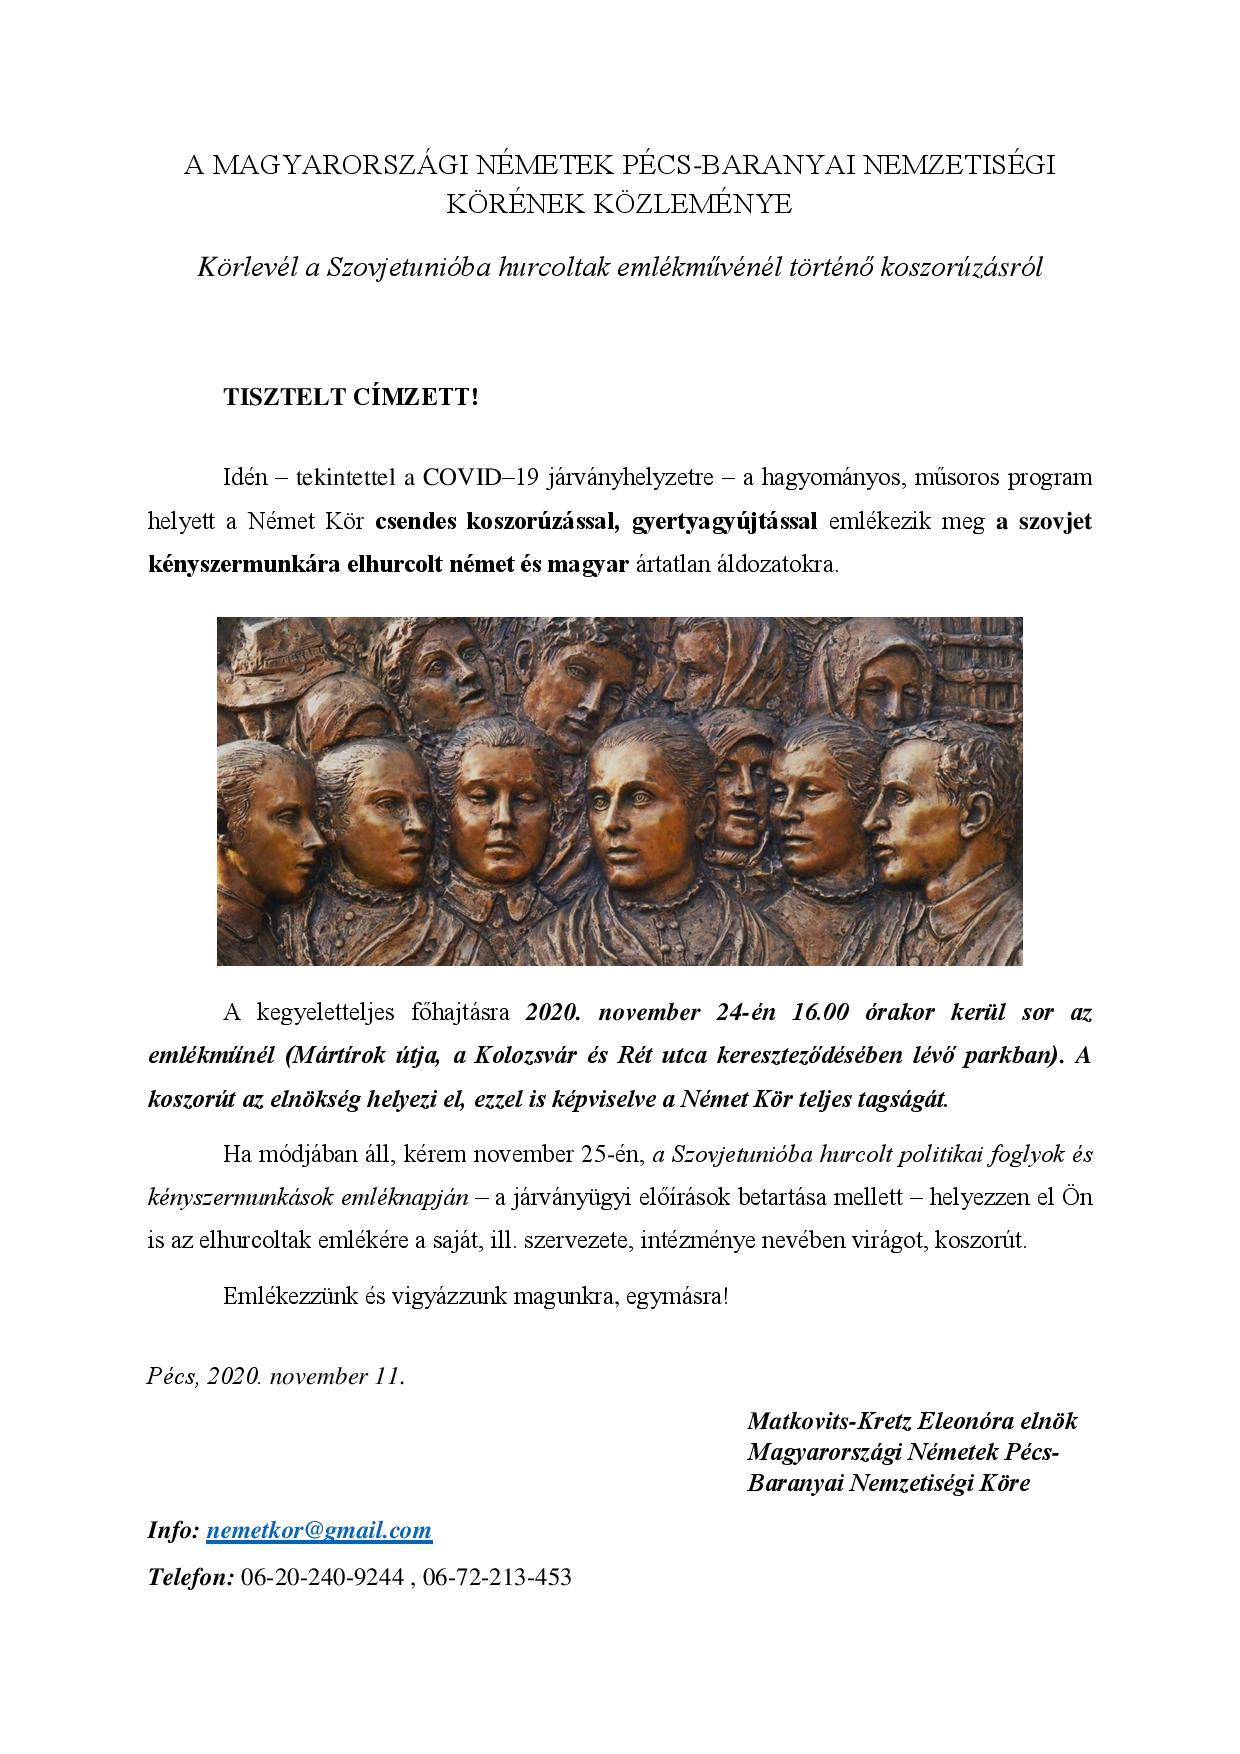 Csöndes megemlékezés nov_24-én a Szovjetunióba elhurcoltakért-page-001